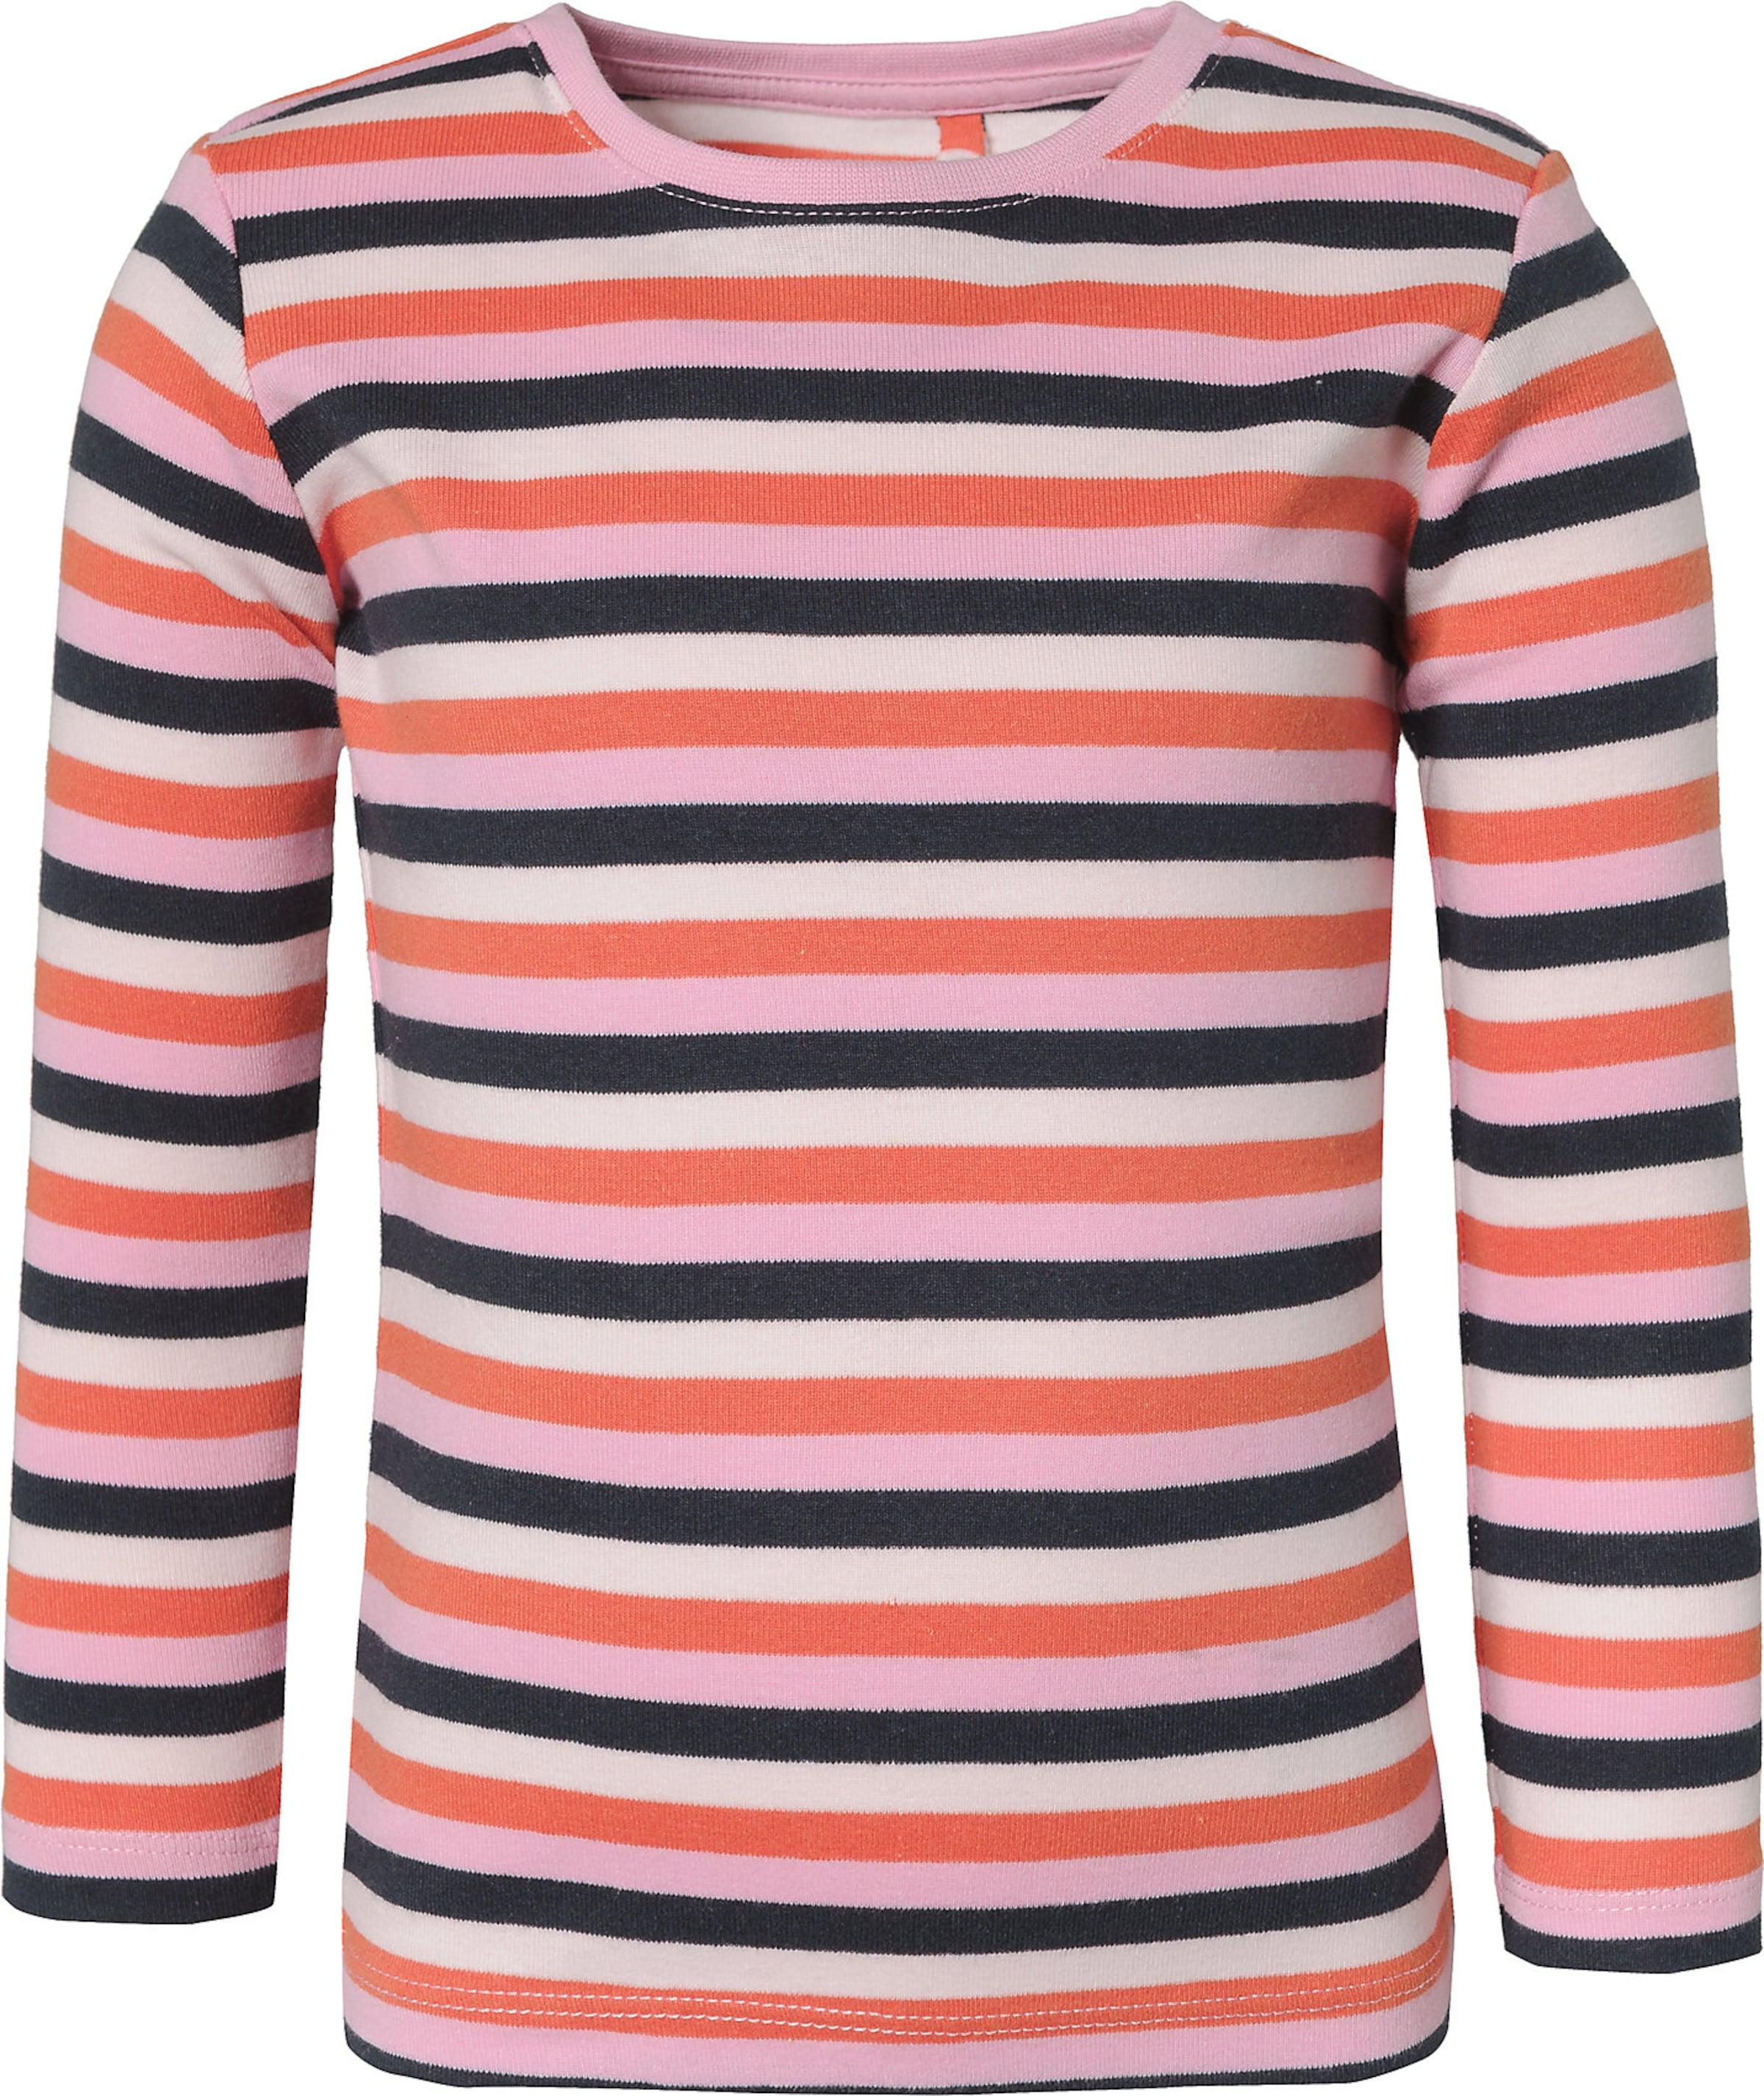 Kinder,  Mädchen,  Kinder NAME IT Shirt 'Nmfverit' blau,  creme,  beige,  rosa | 05714490699983